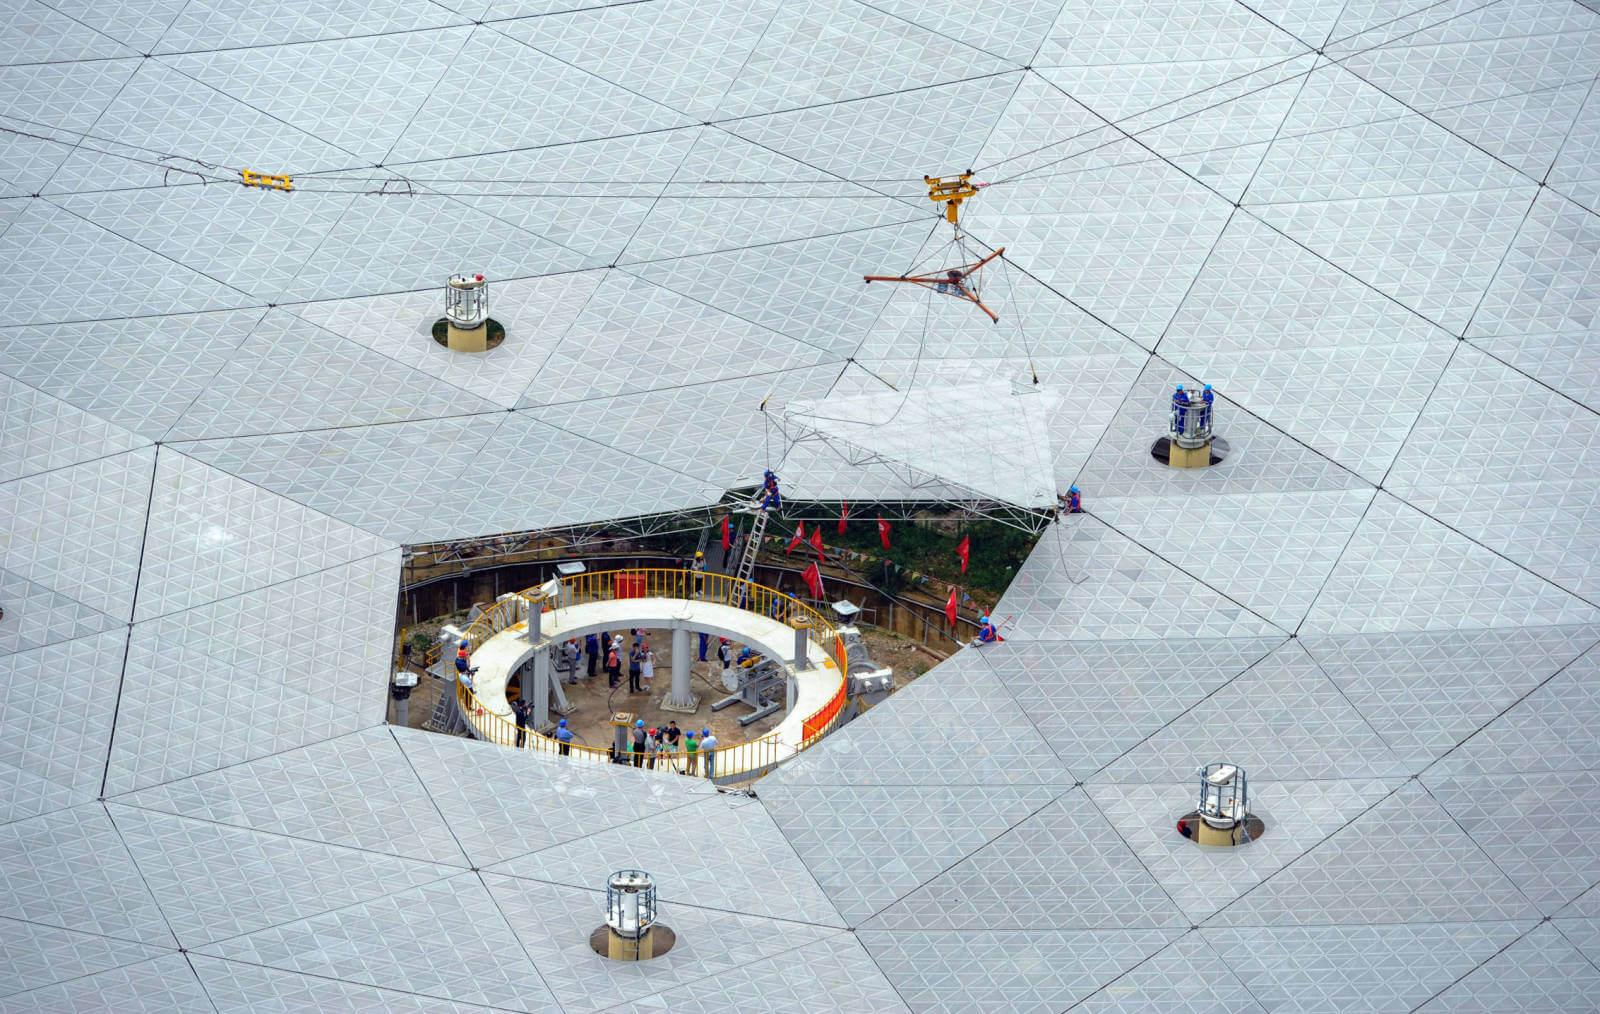 dunyanin-en-buyuk-radyo-teleskopunu